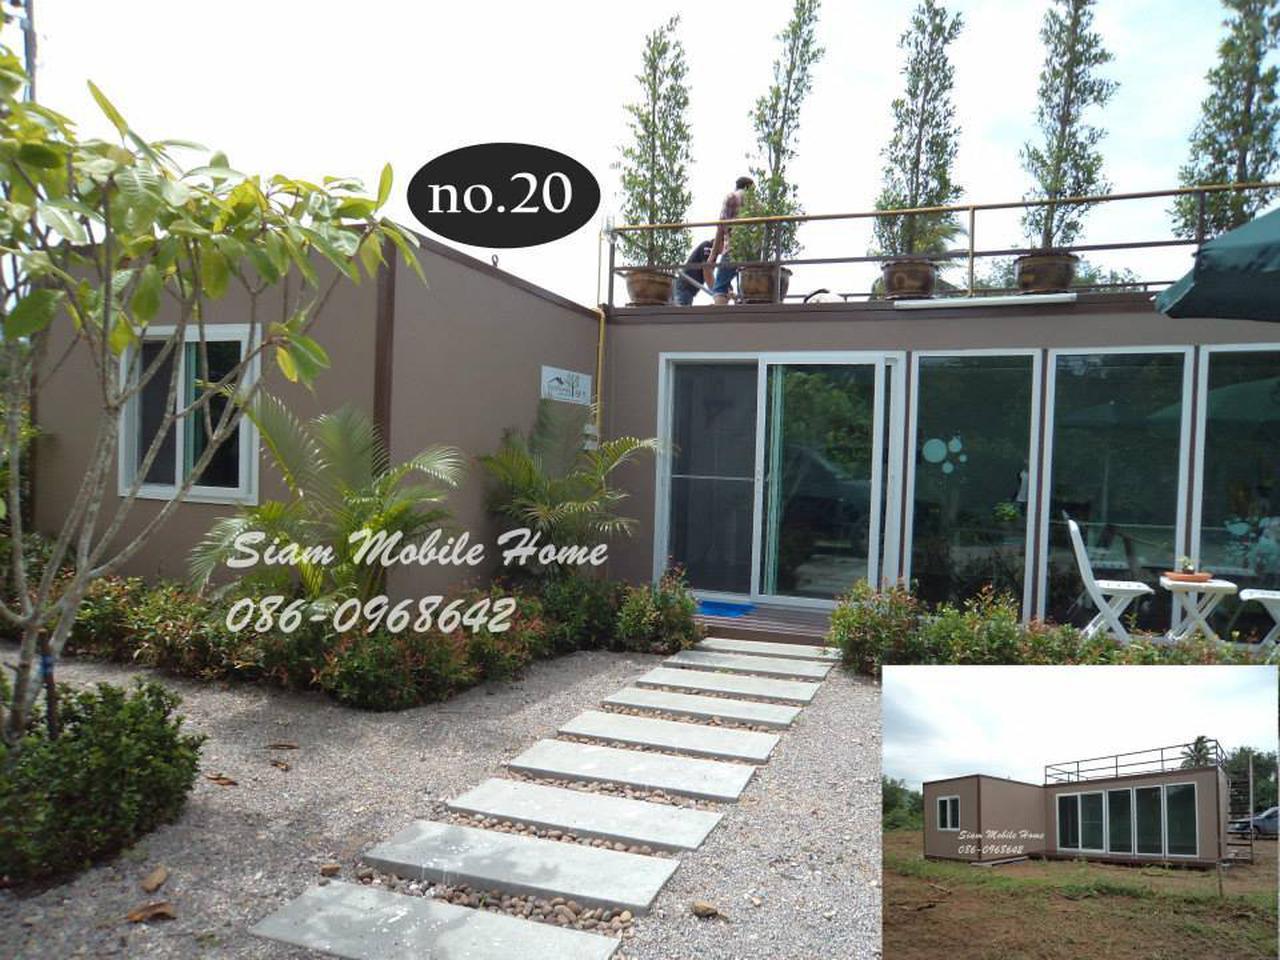 บ้านสำเร็จรูป ออฟฟิตสำเร็จรูปเคลื่อนย้ายได้ รูปที่ 3